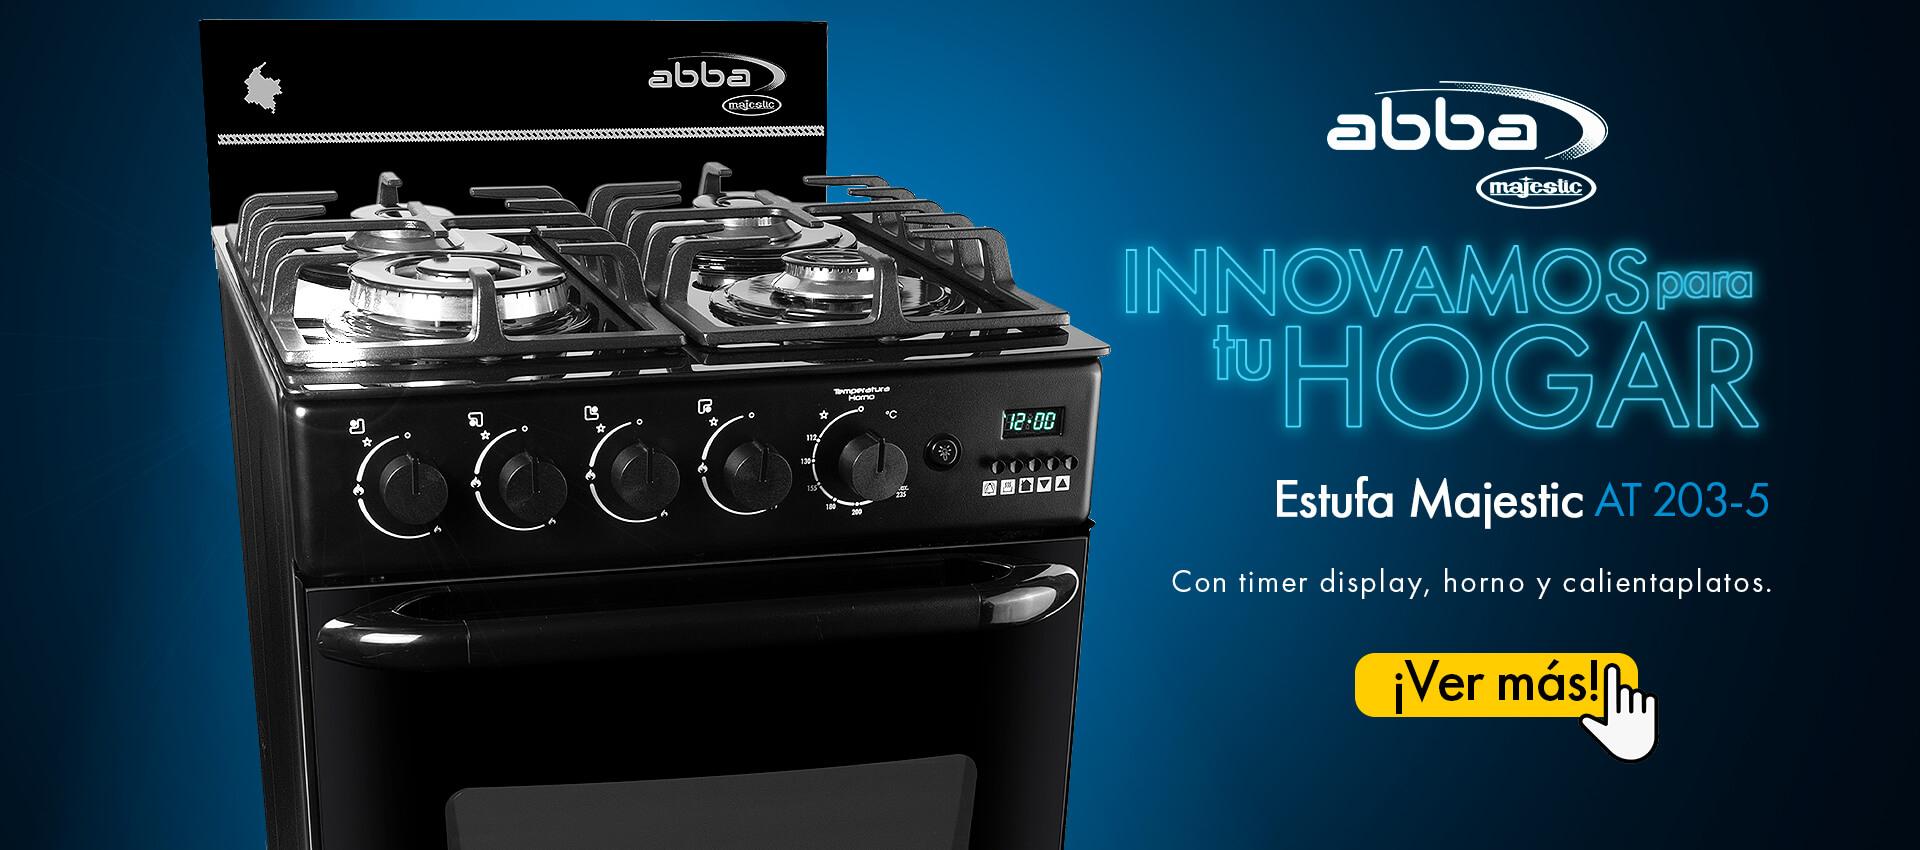 Estufa de piso Abba AT 203-5. Innovación para tu hogar.